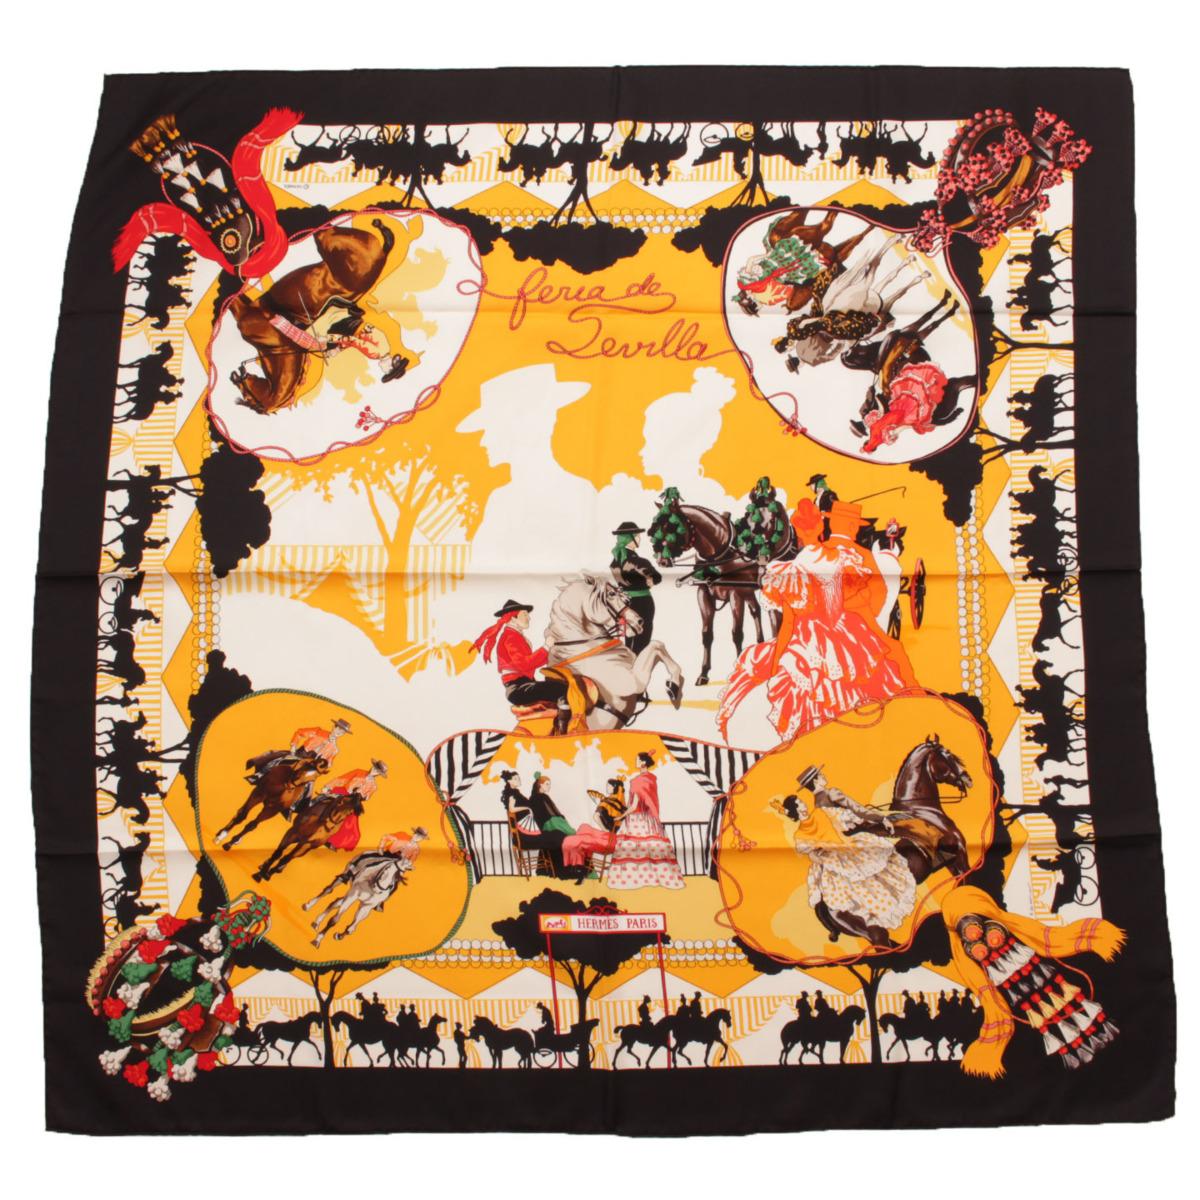 【エルメス】Hermes カレ90 シルクスカーフ ferea de levlla カウボーイ 【中古】【鑑定済・正規品保証】37323